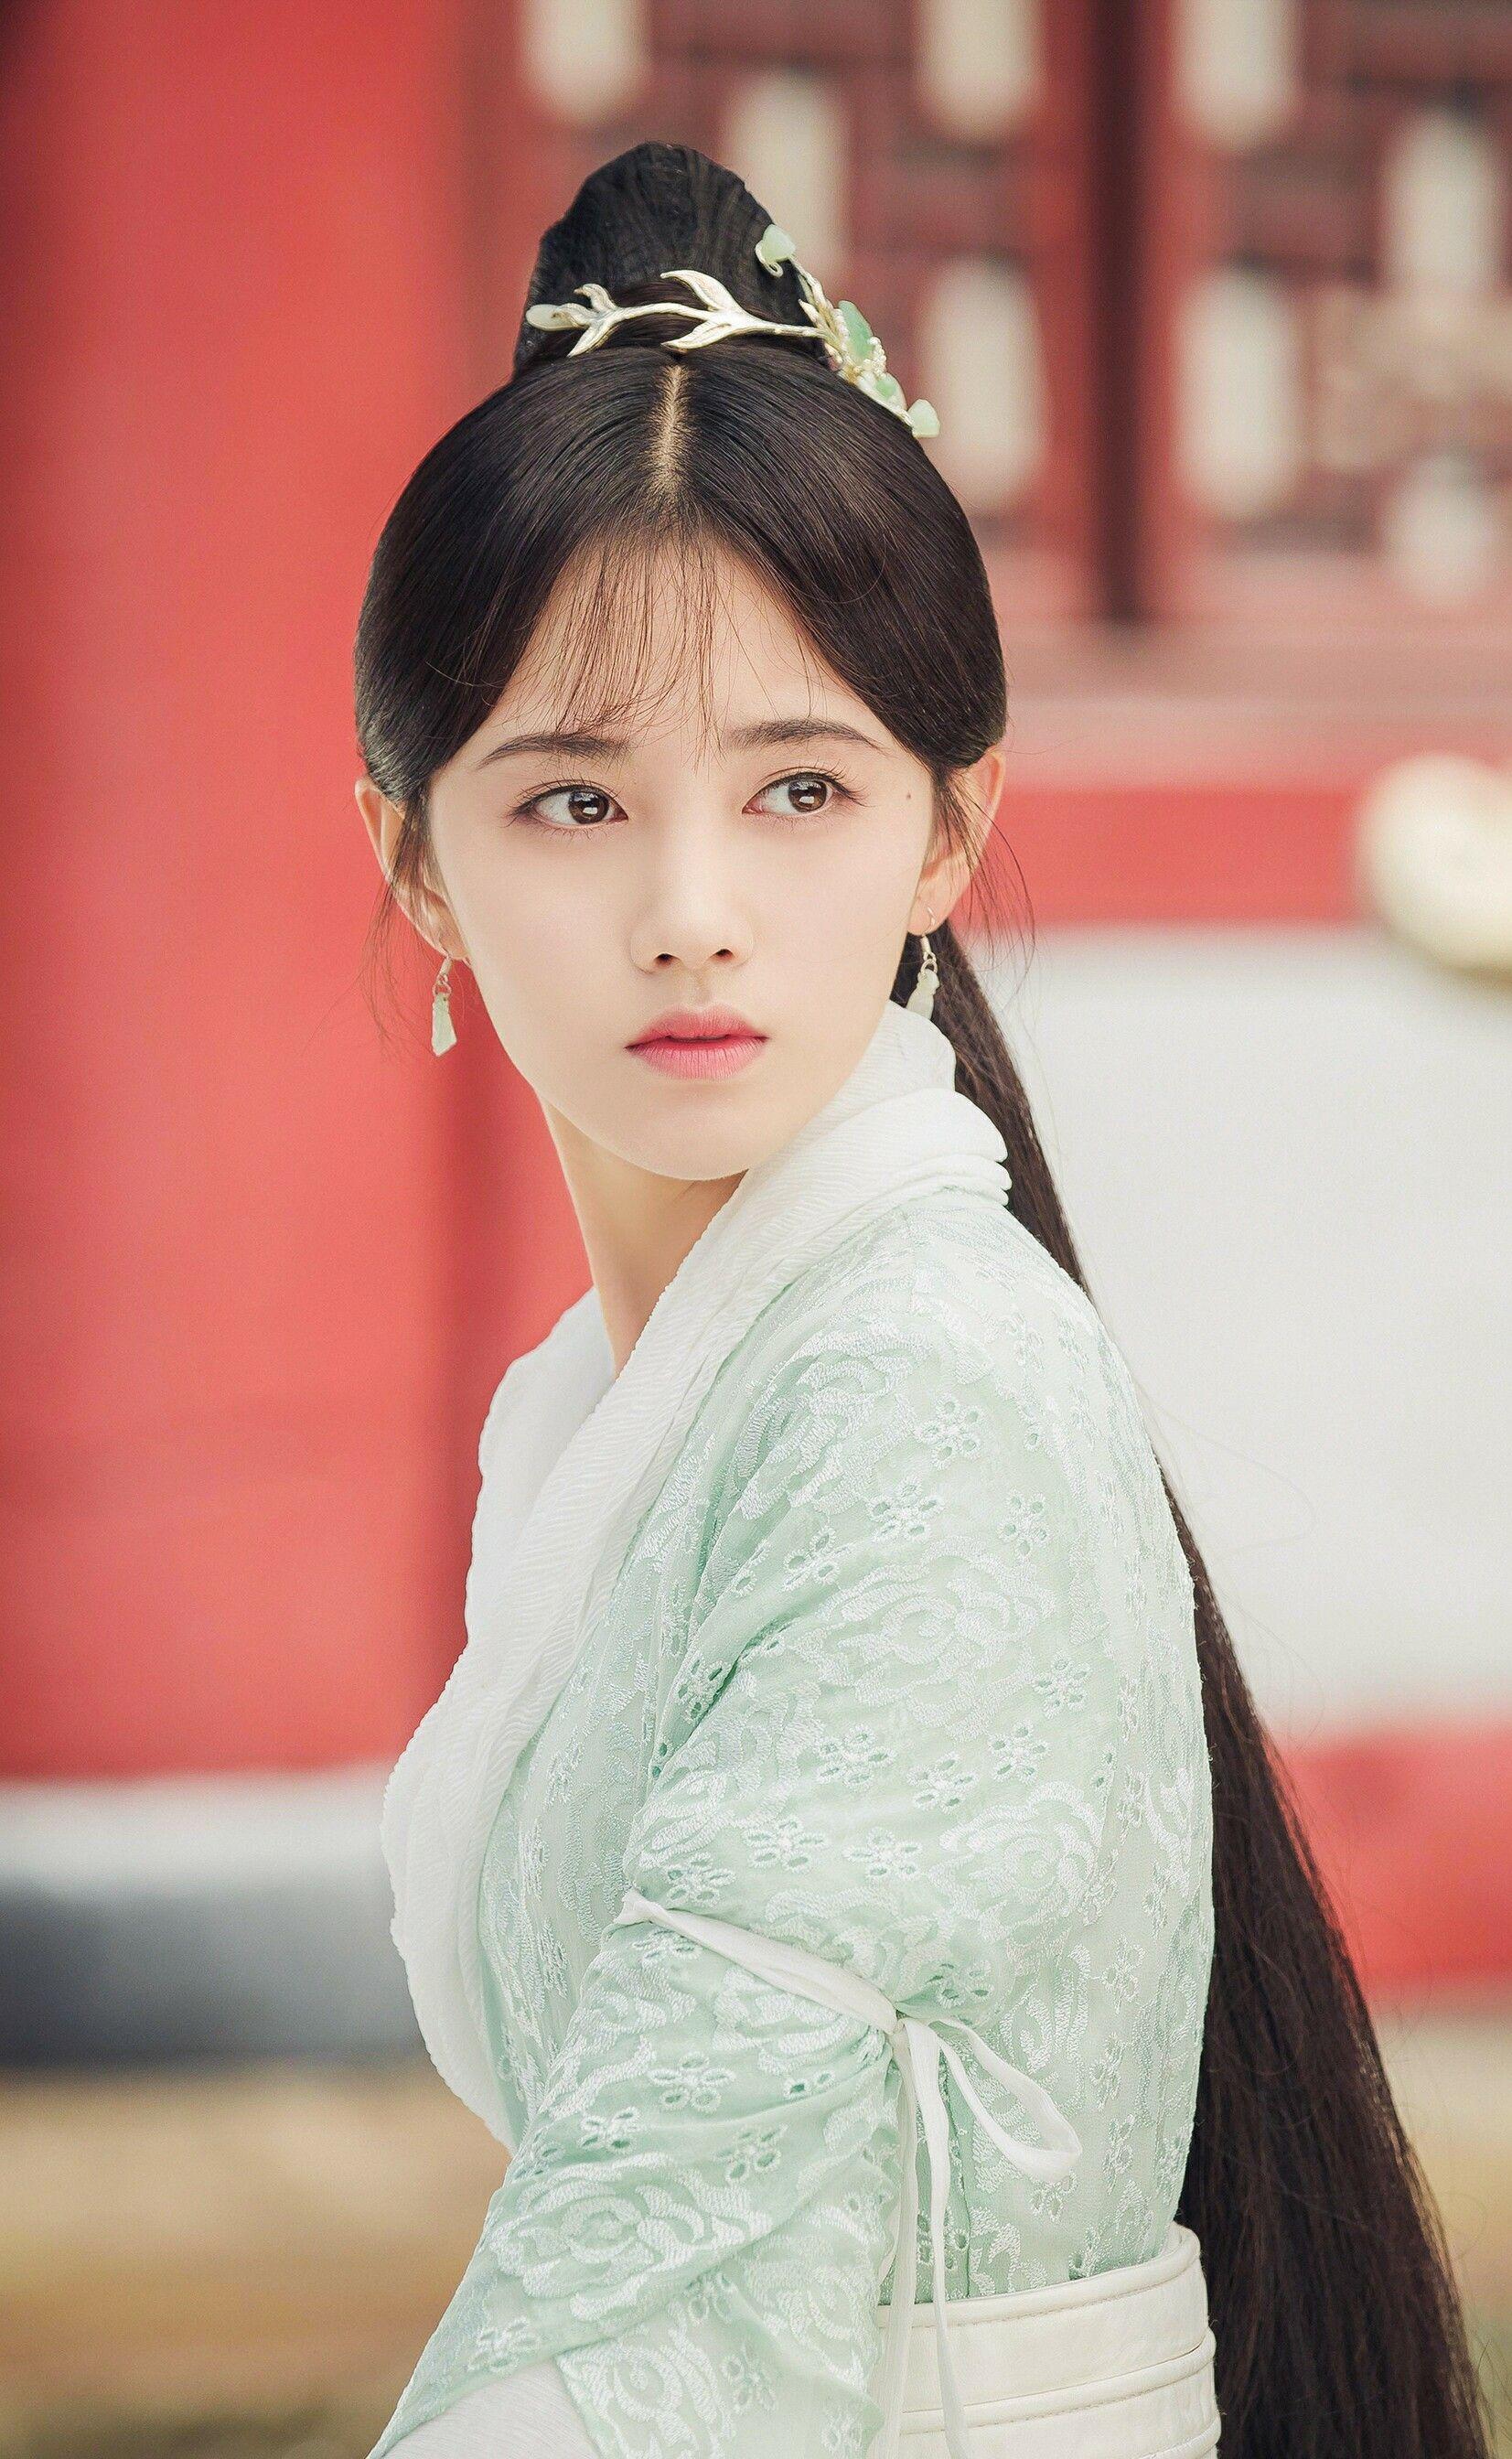 572 รูปภาพที่ดีที่สุดในบอร์ด Cosplay China Girls   จีน, คอสเพลย์ ...